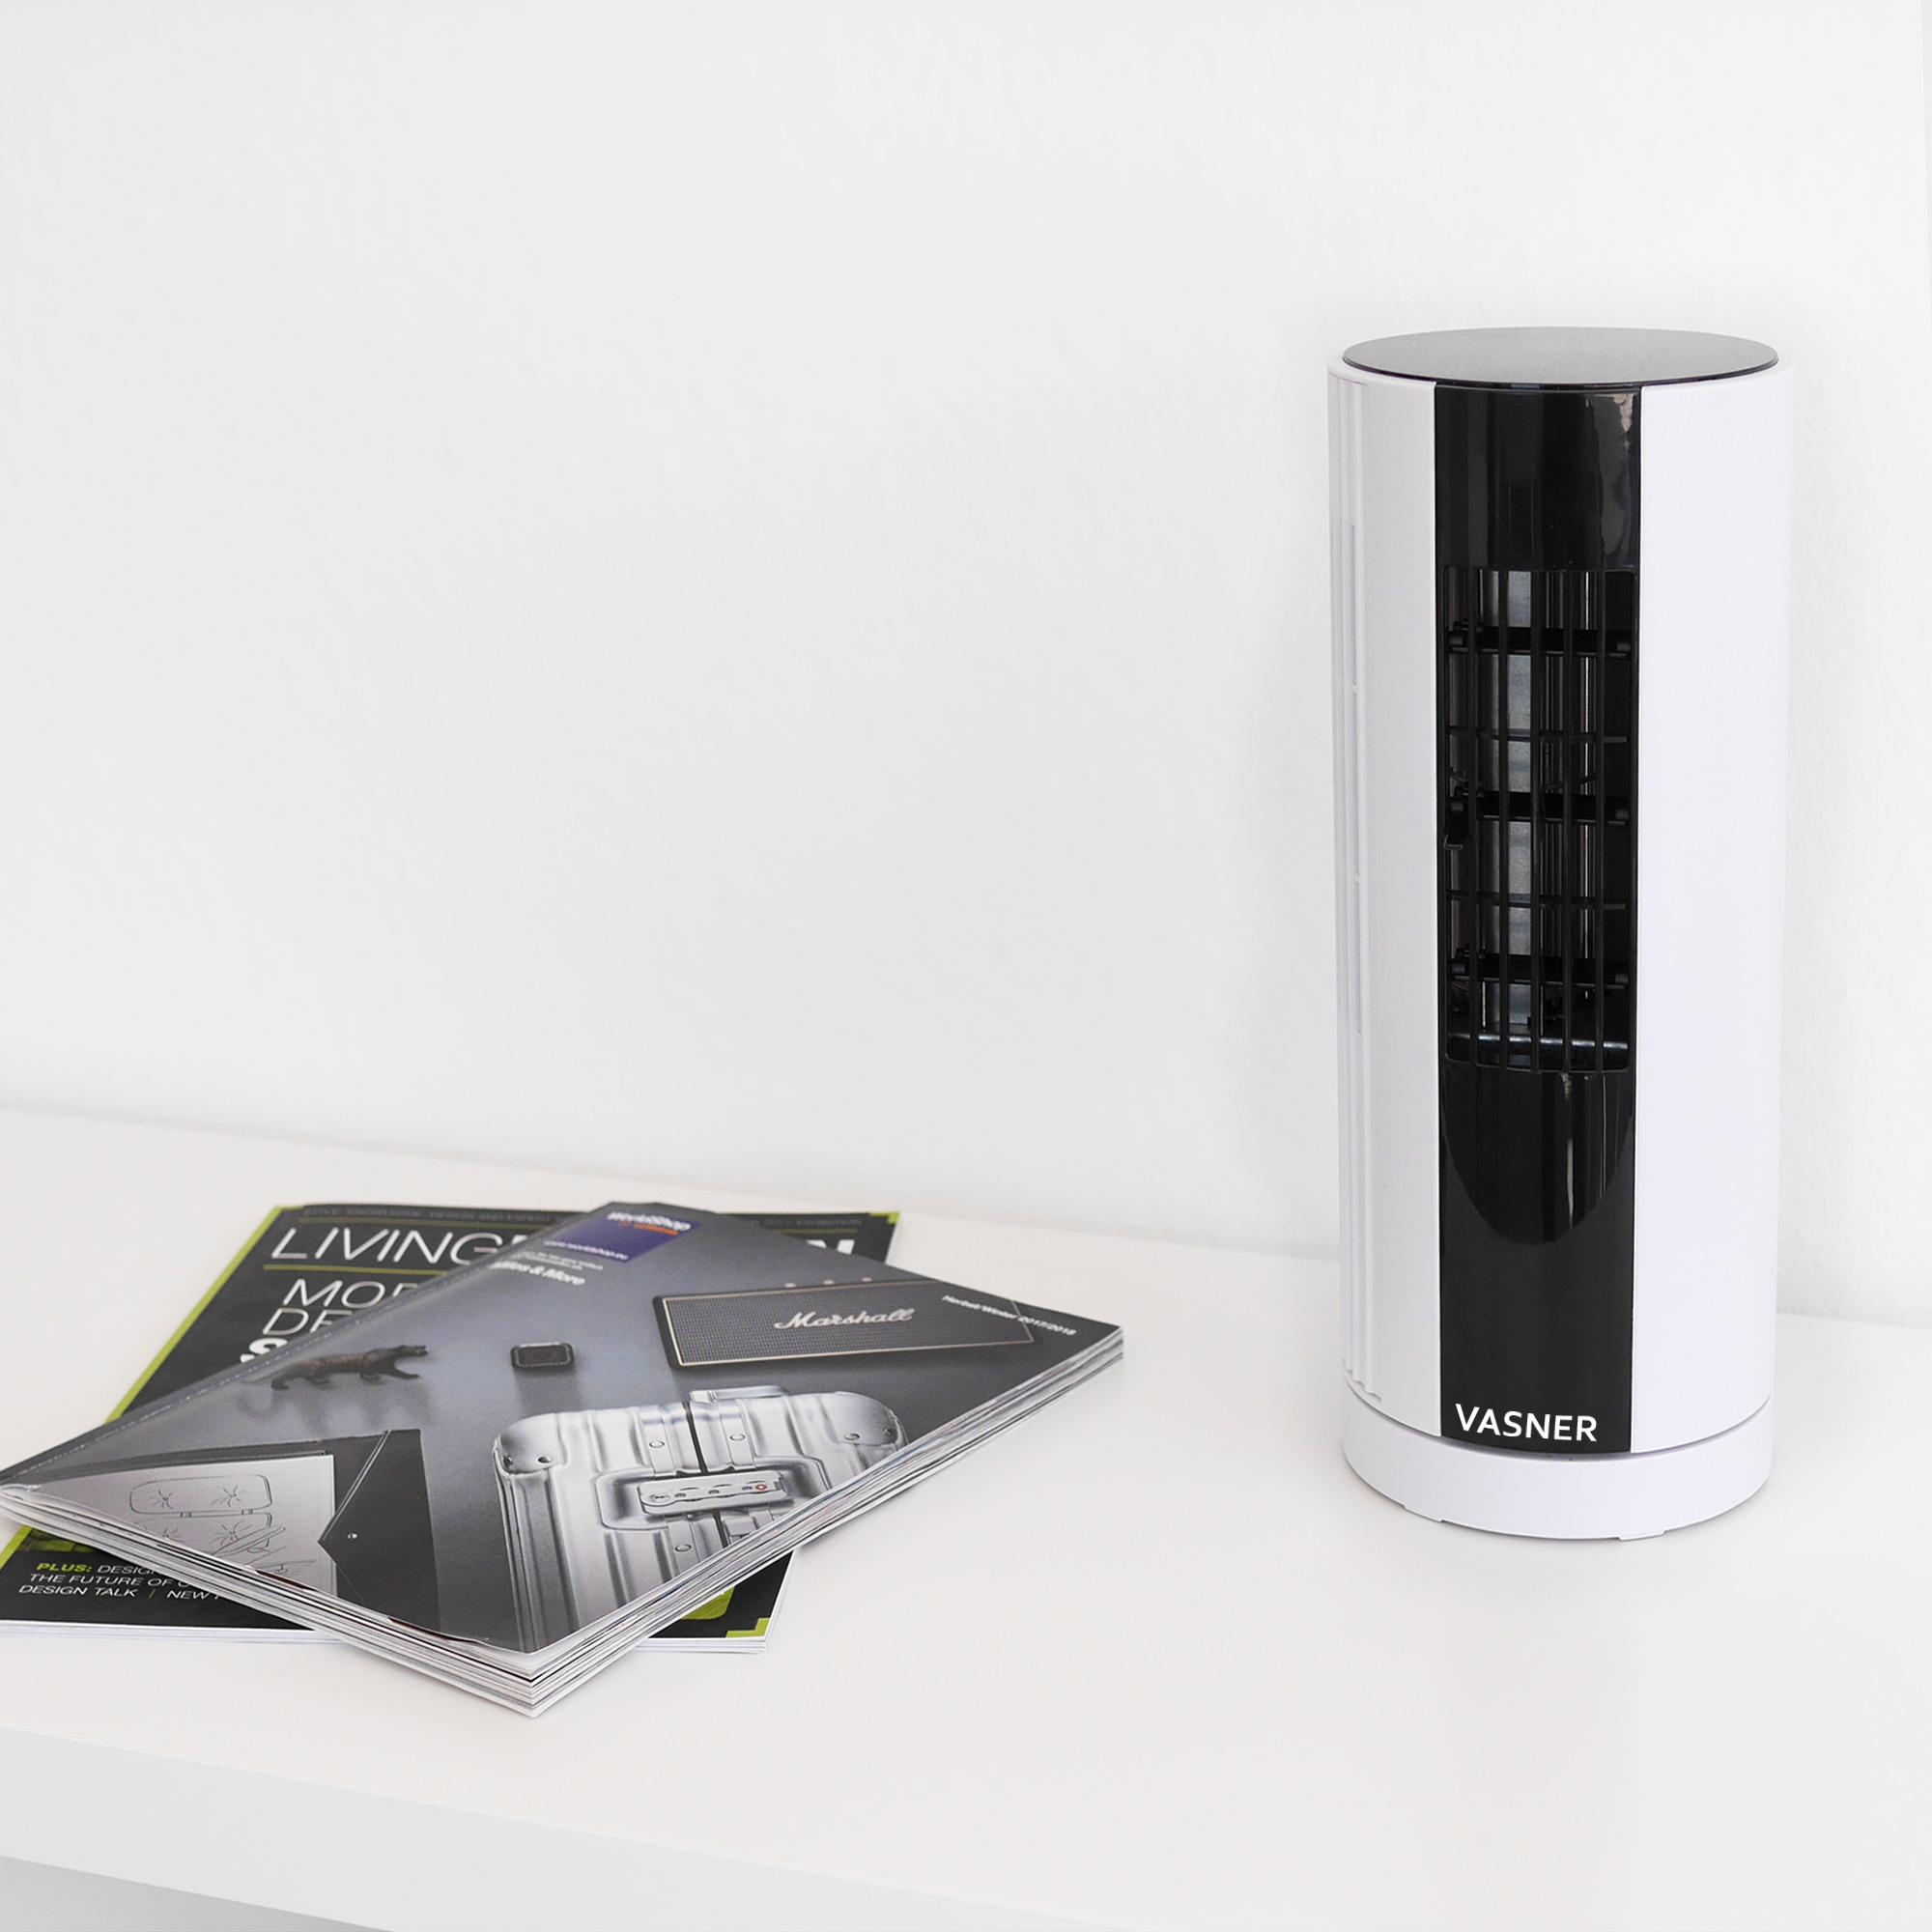 vasner millifan turmventilator der flexible schreibtisch. Black Bedroom Furniture Sets. Home Design Ideas